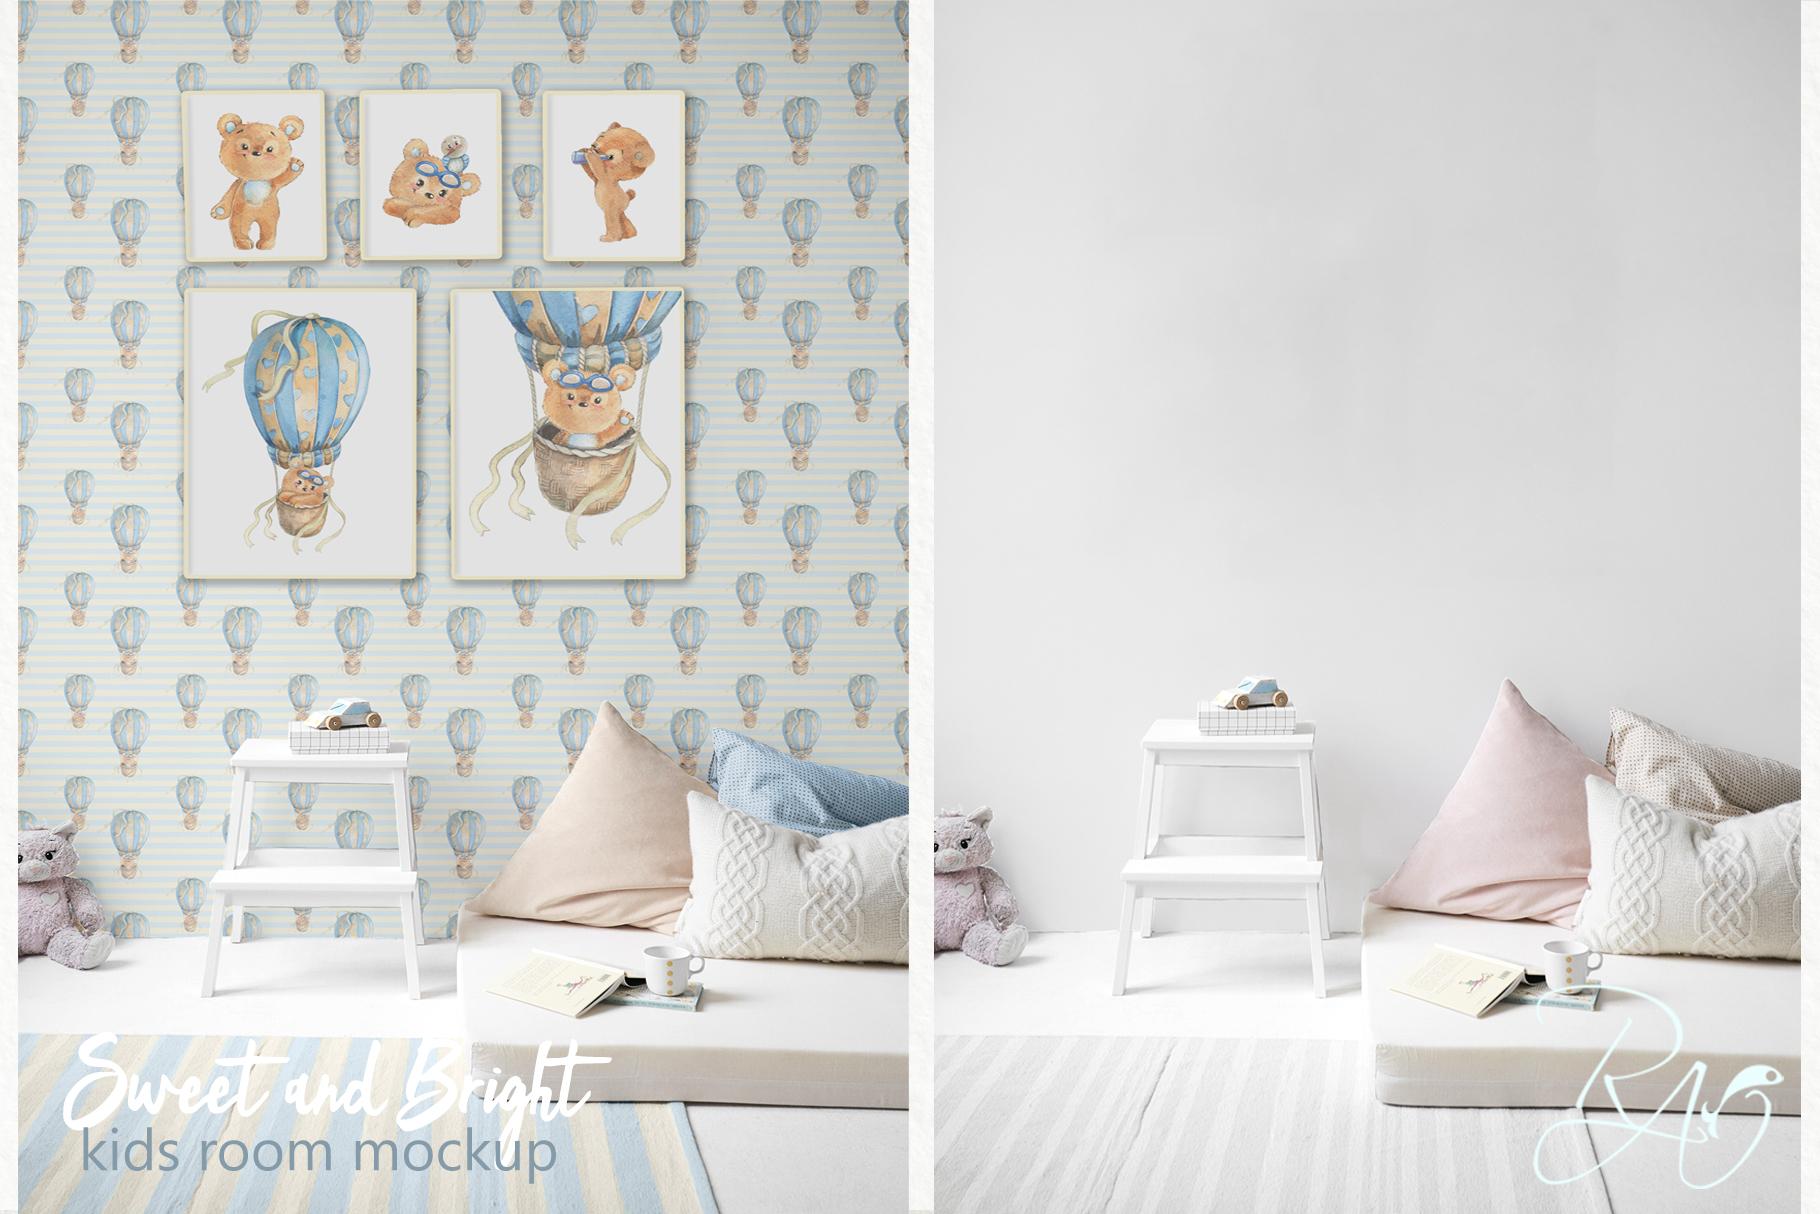 PSD Nursery mockup Kids room mockup Blank wall Print mockup example image 1